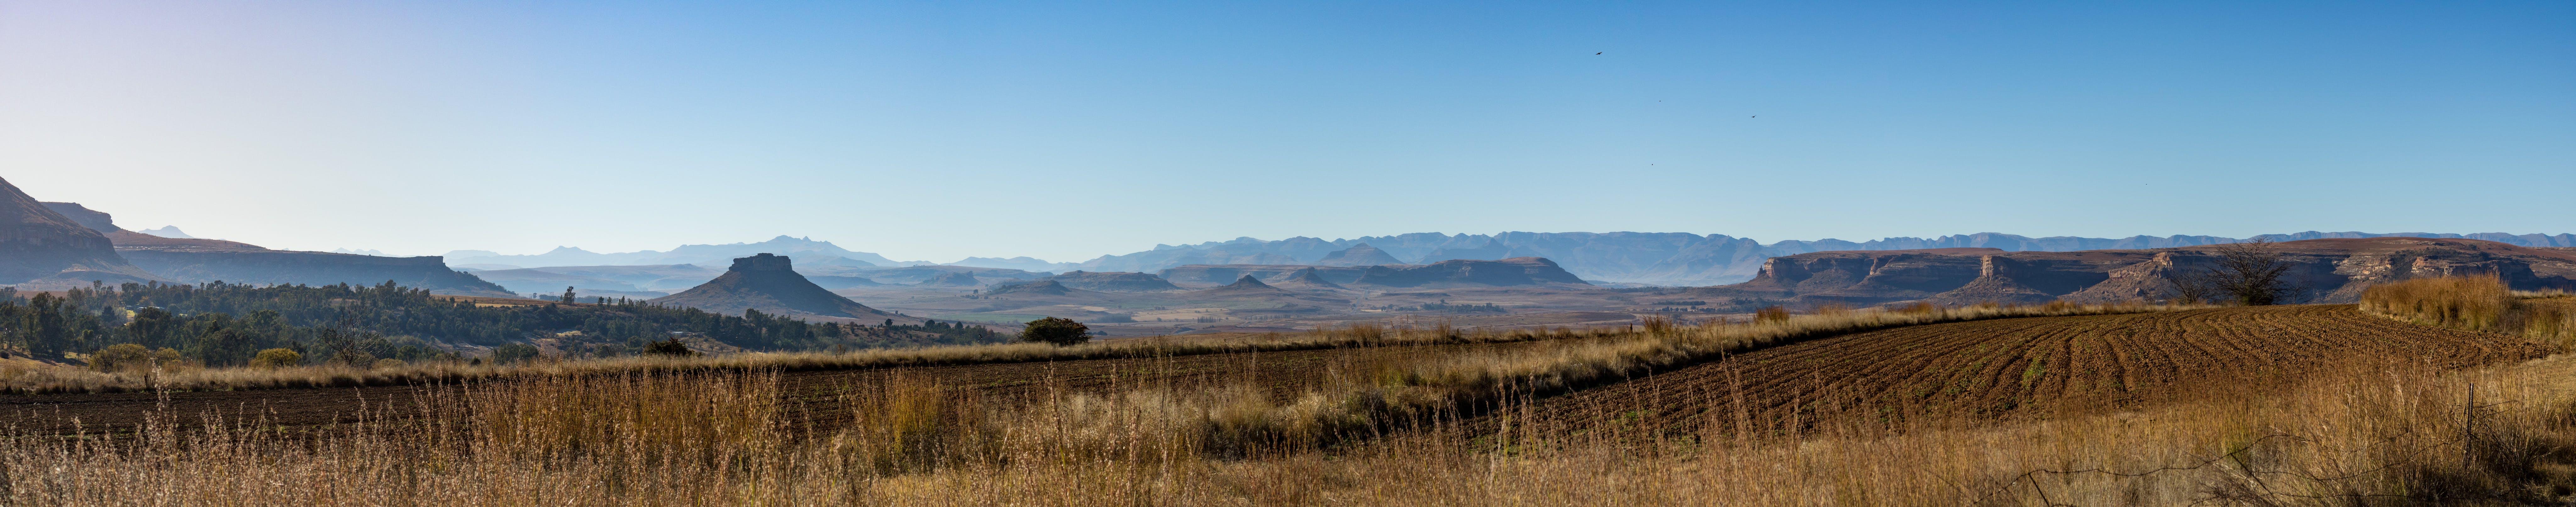 Základová fotografie zdarma na téma 4k tapeta, jižní afrika, krajina, savana